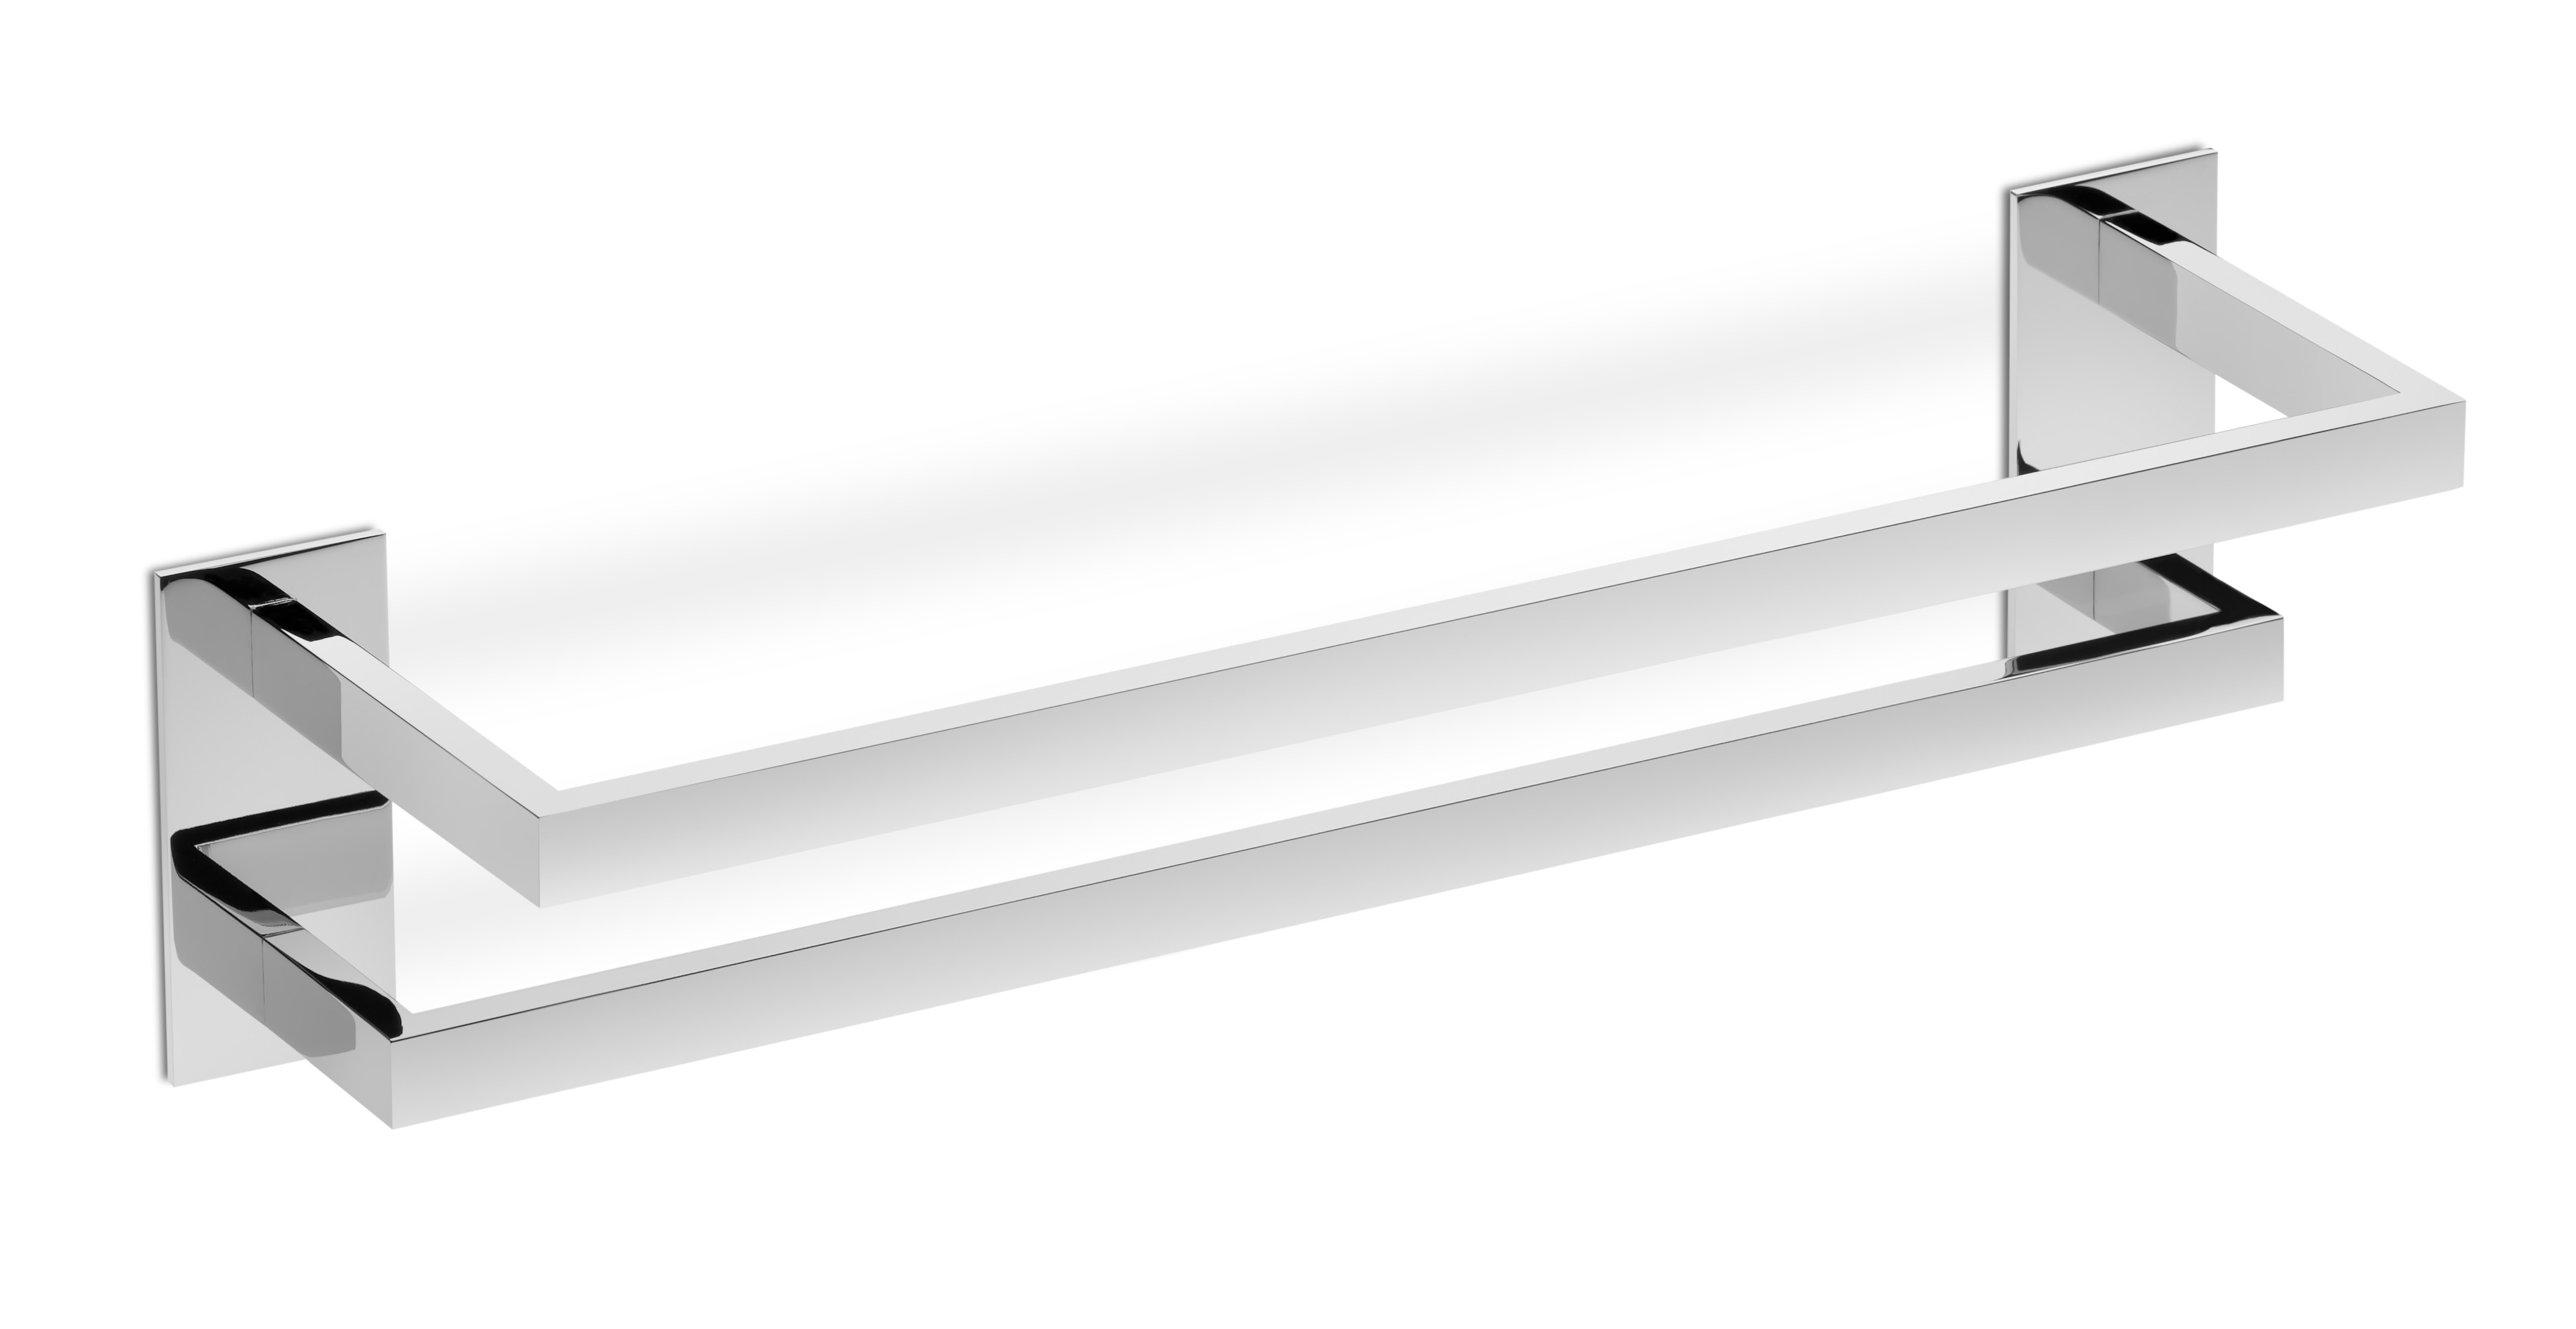 40 cm Acero Inoxidable Shelf Toallero de ba/ño de Acero Inoxidable para Montar en la Pared o en la Pared con instalaci/ón Firme de 40~80 cm